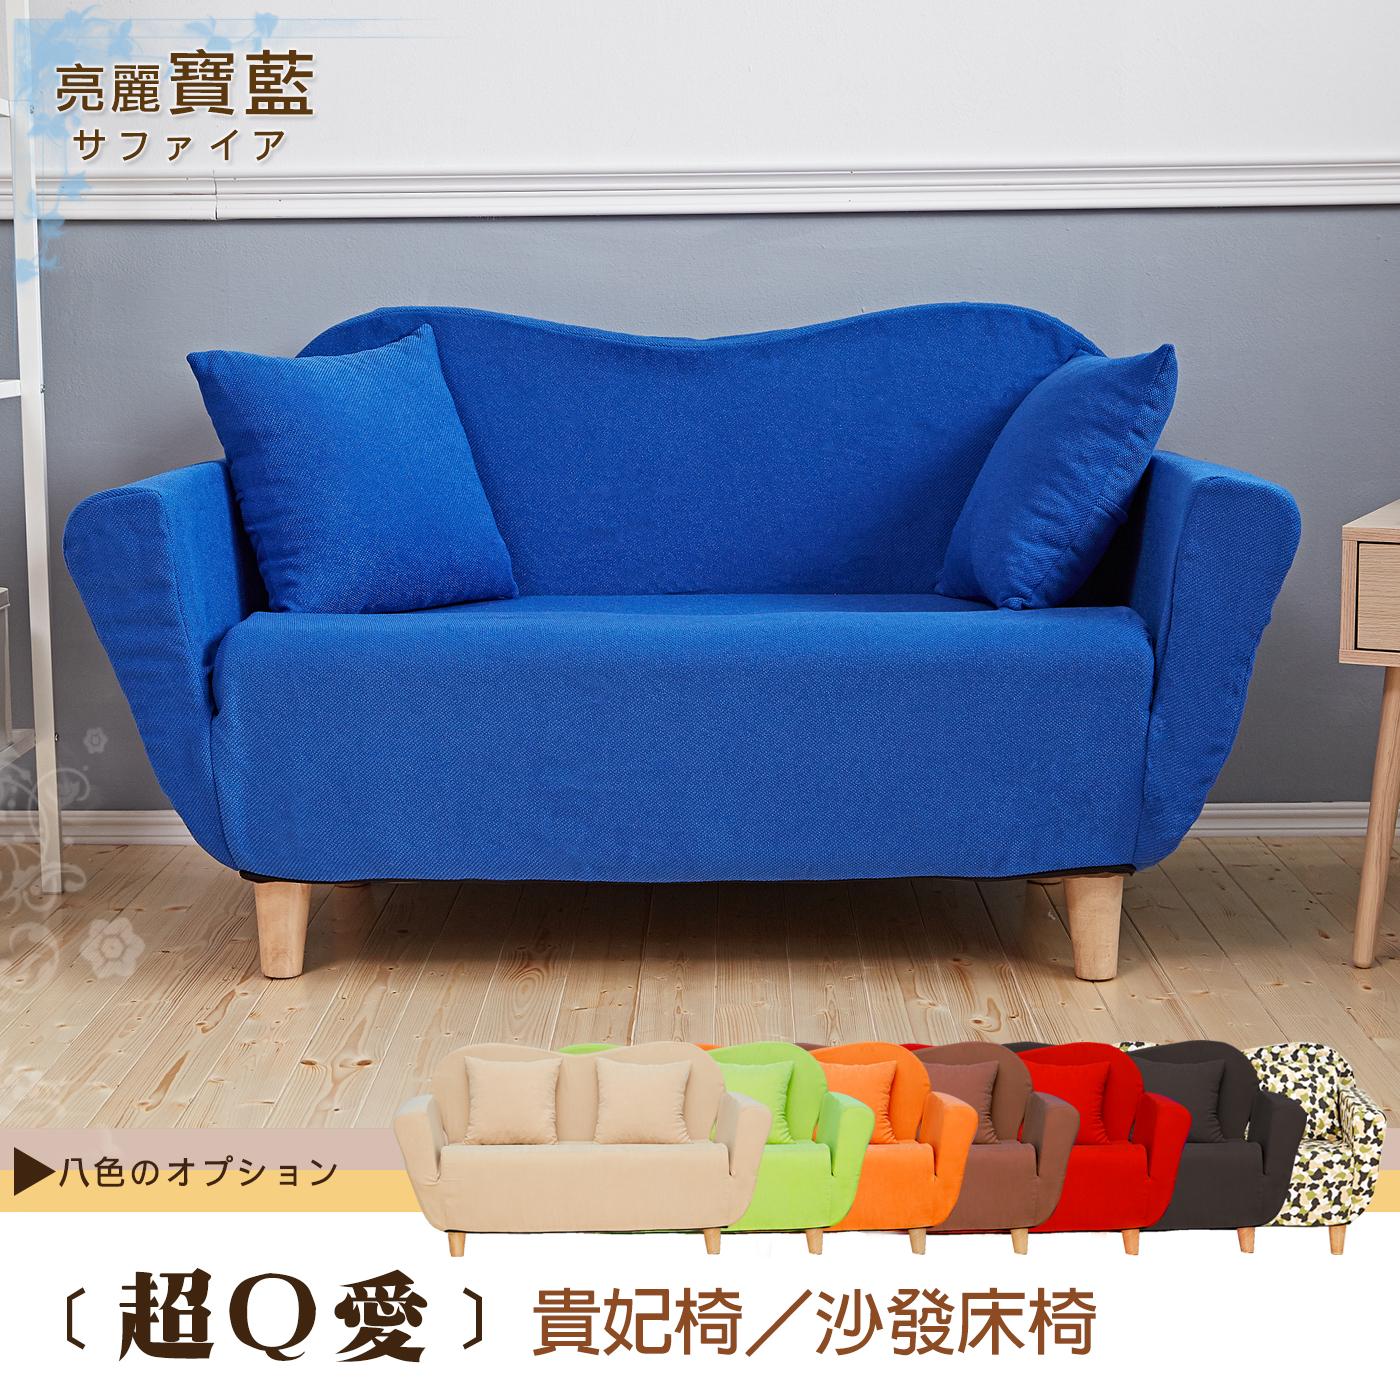 日本超Q愛【貴妃椅】沙發床‧天然實木腳,布套可拆洗★班尼斯國際家具名床